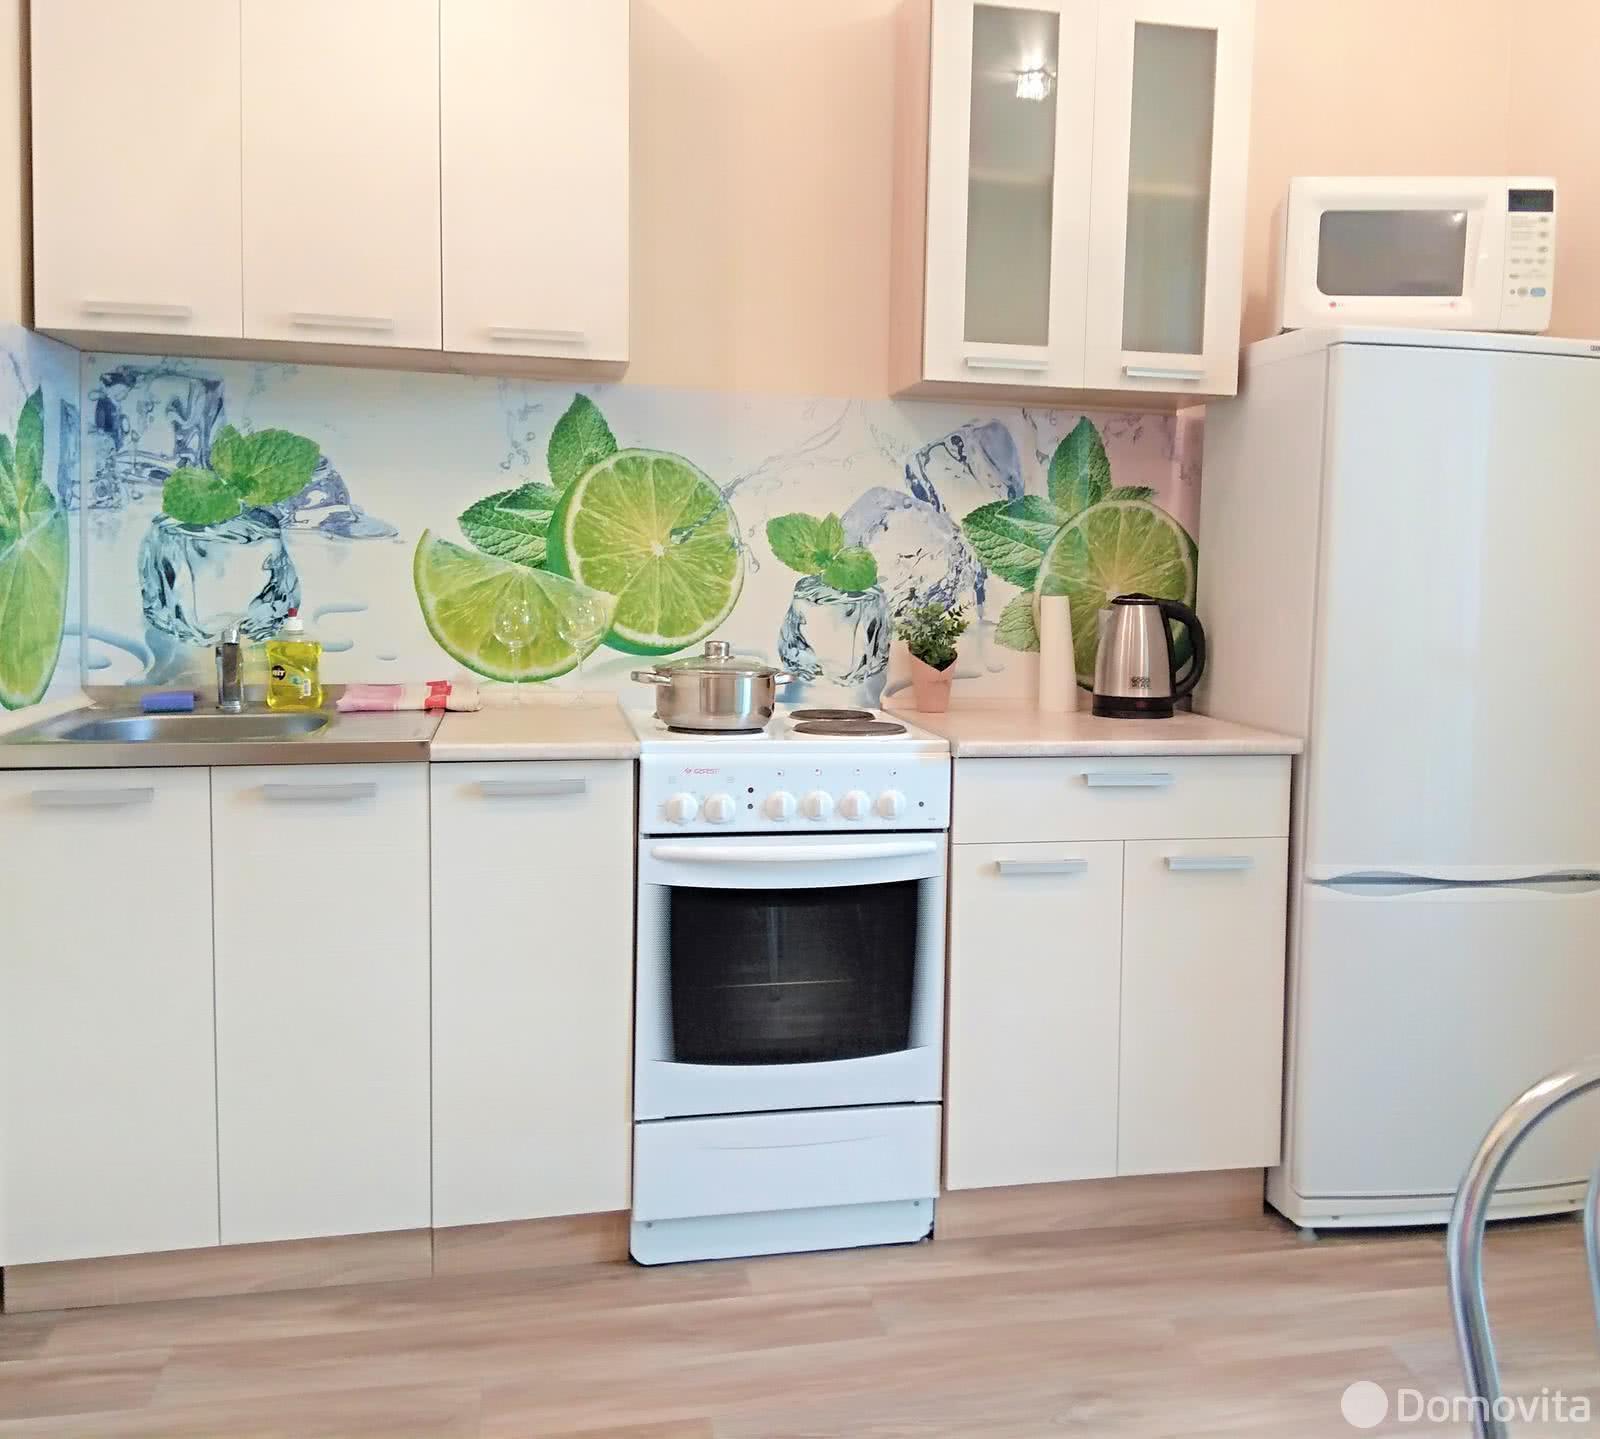 Аренда 1-комнатной квартиры на сутки в Минске ул. Притыцкого, д. 77 - фото 5